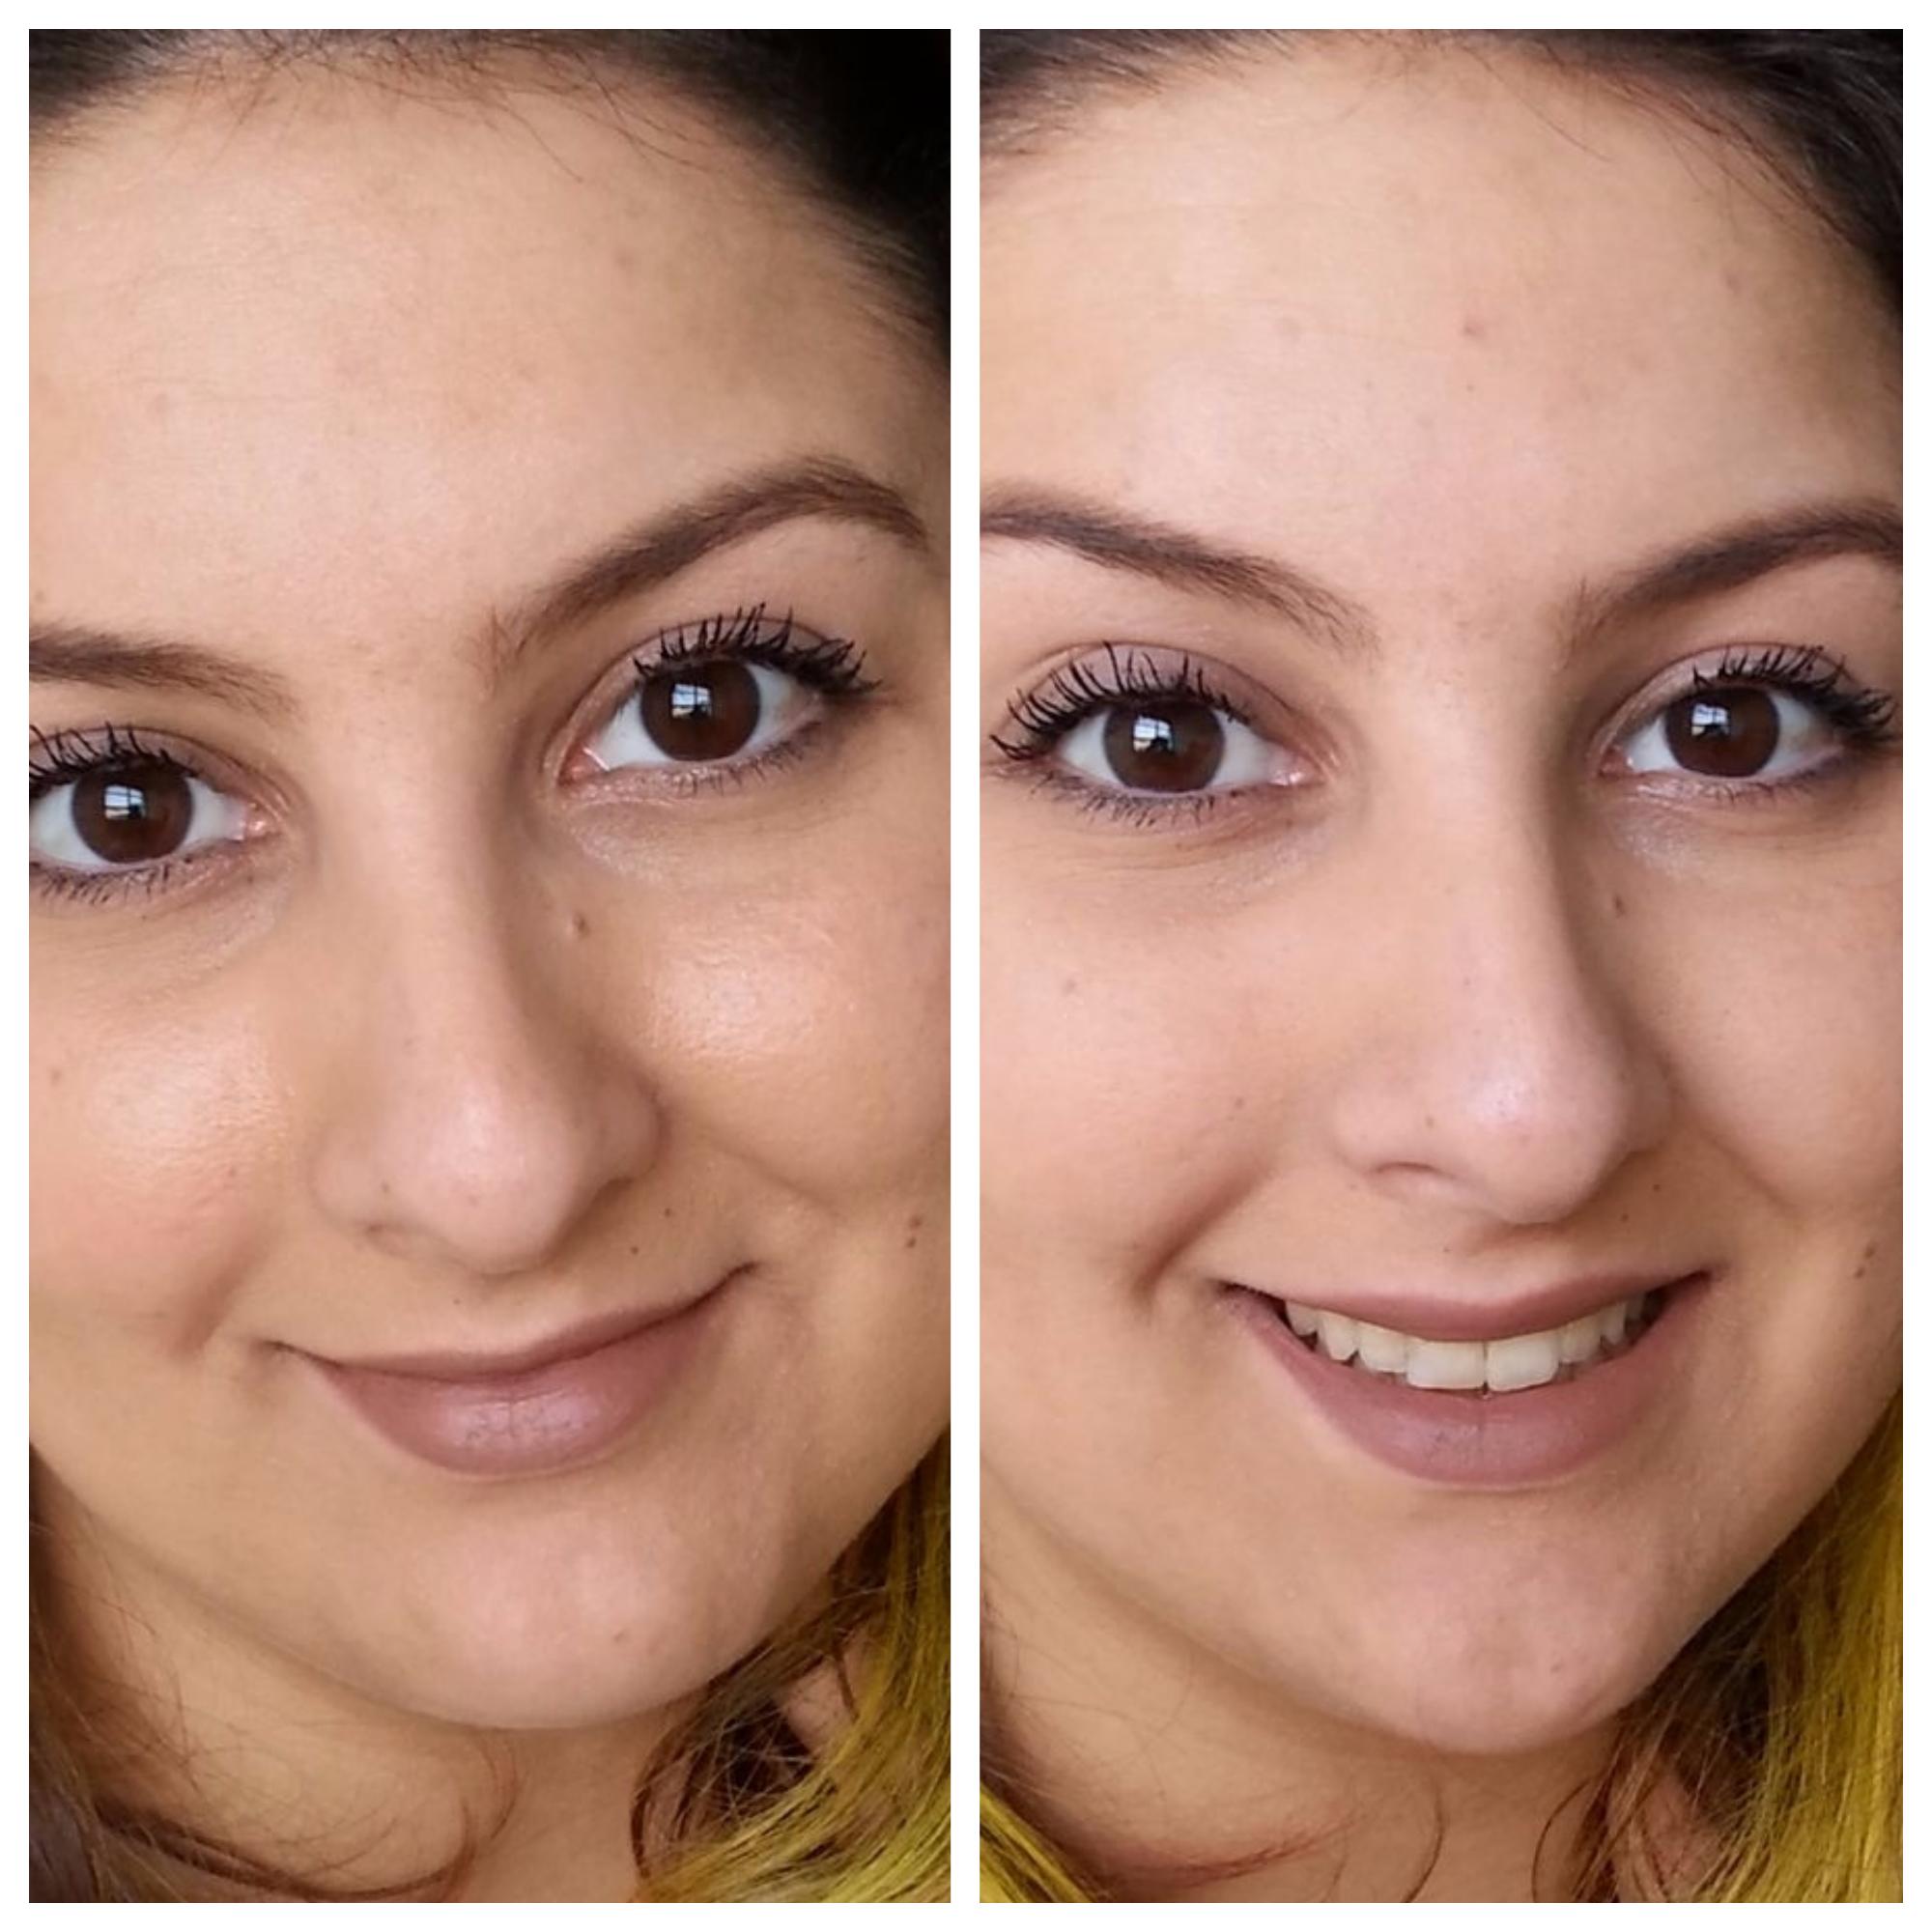 lenço removedor de oleosidade antes e depois